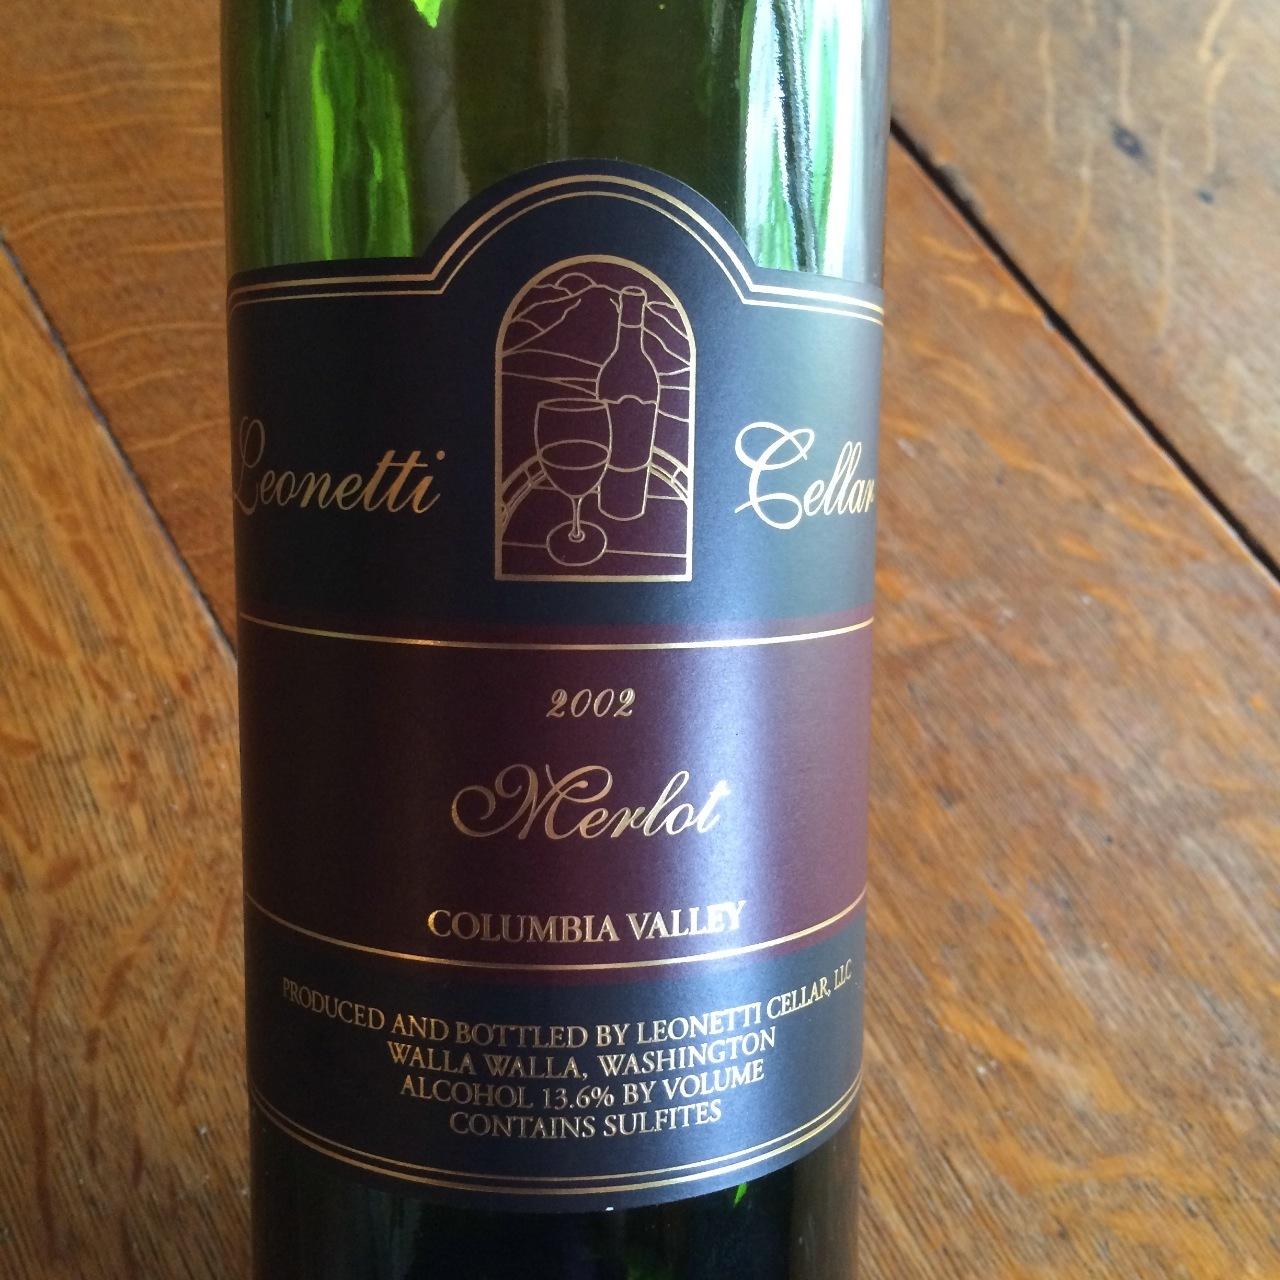 Leonetti Cellar Columbia Valley Merlot 2002